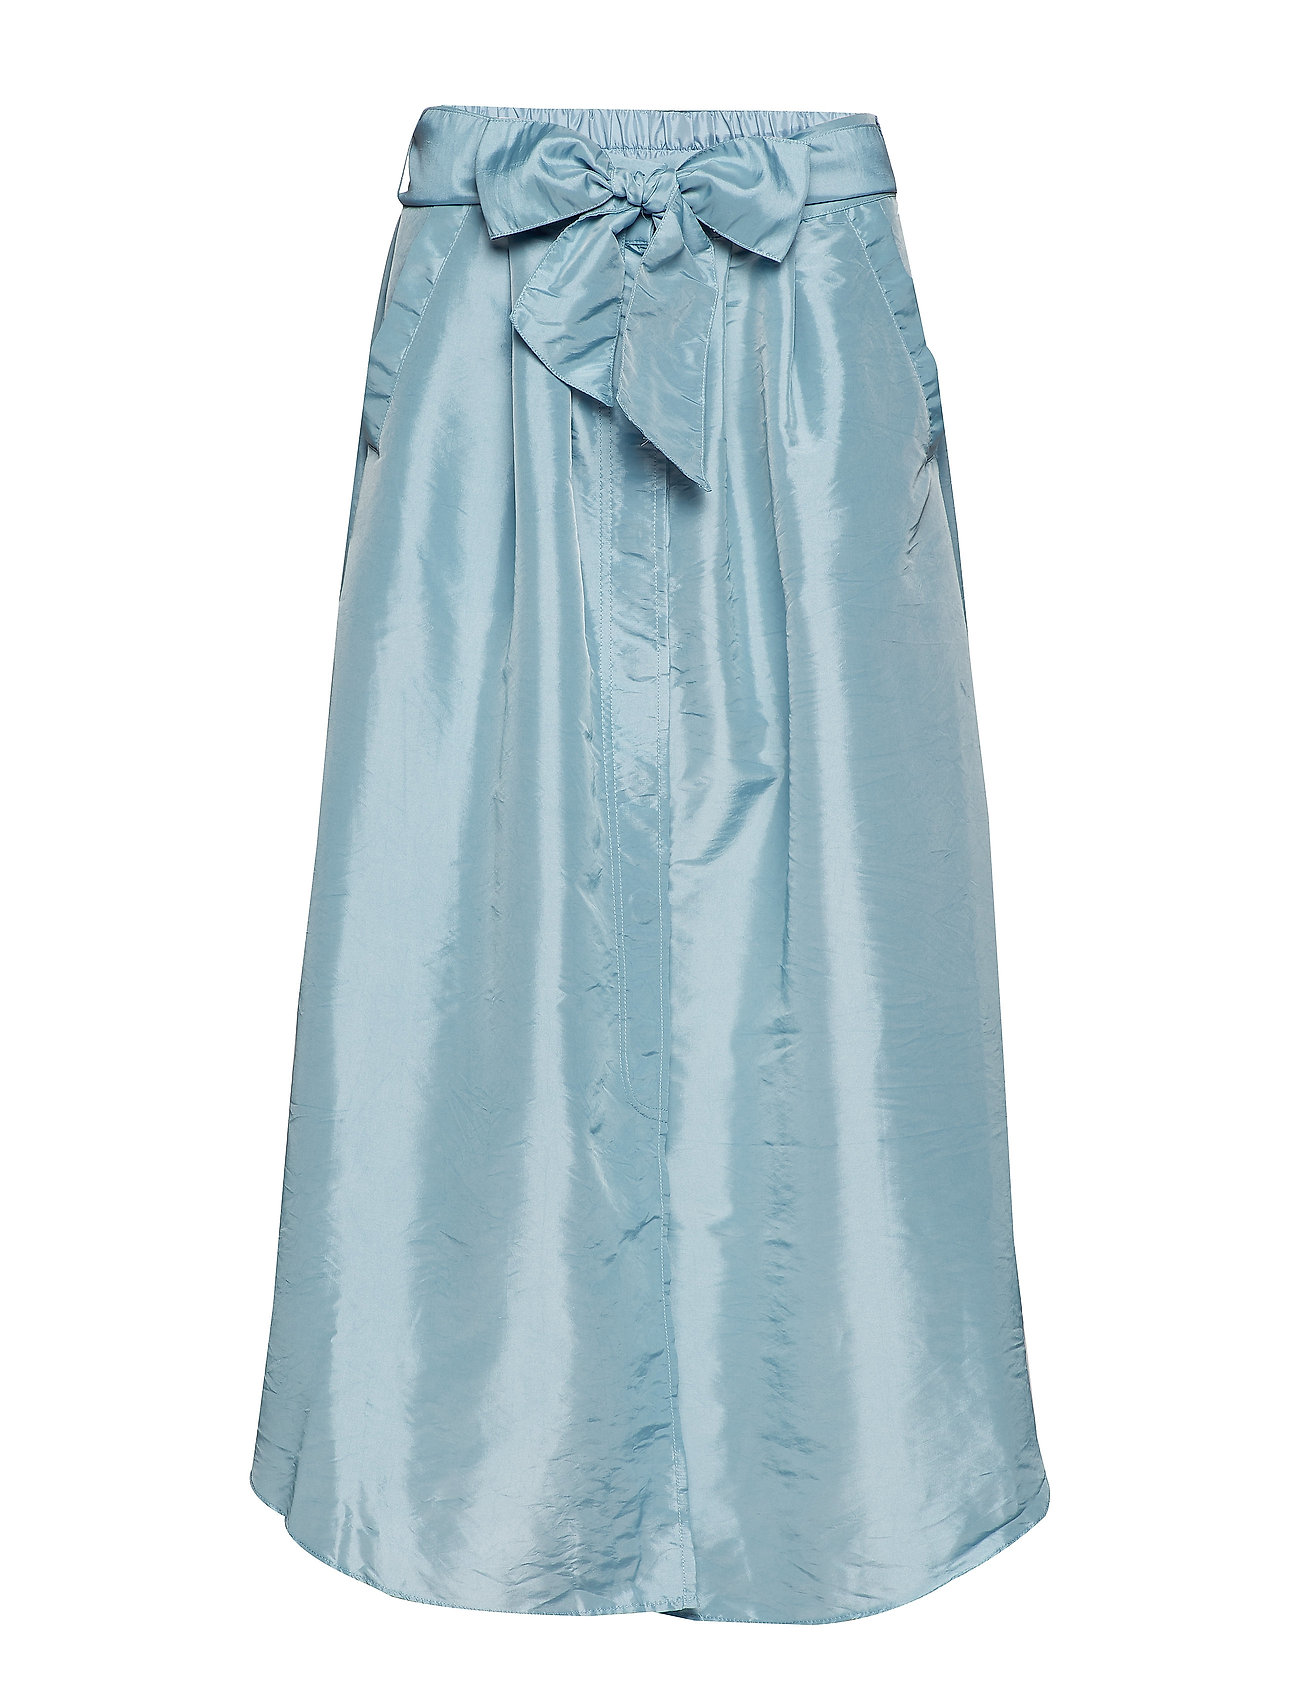 Rabens Saloner Tafetta skirt - PALE BLUE